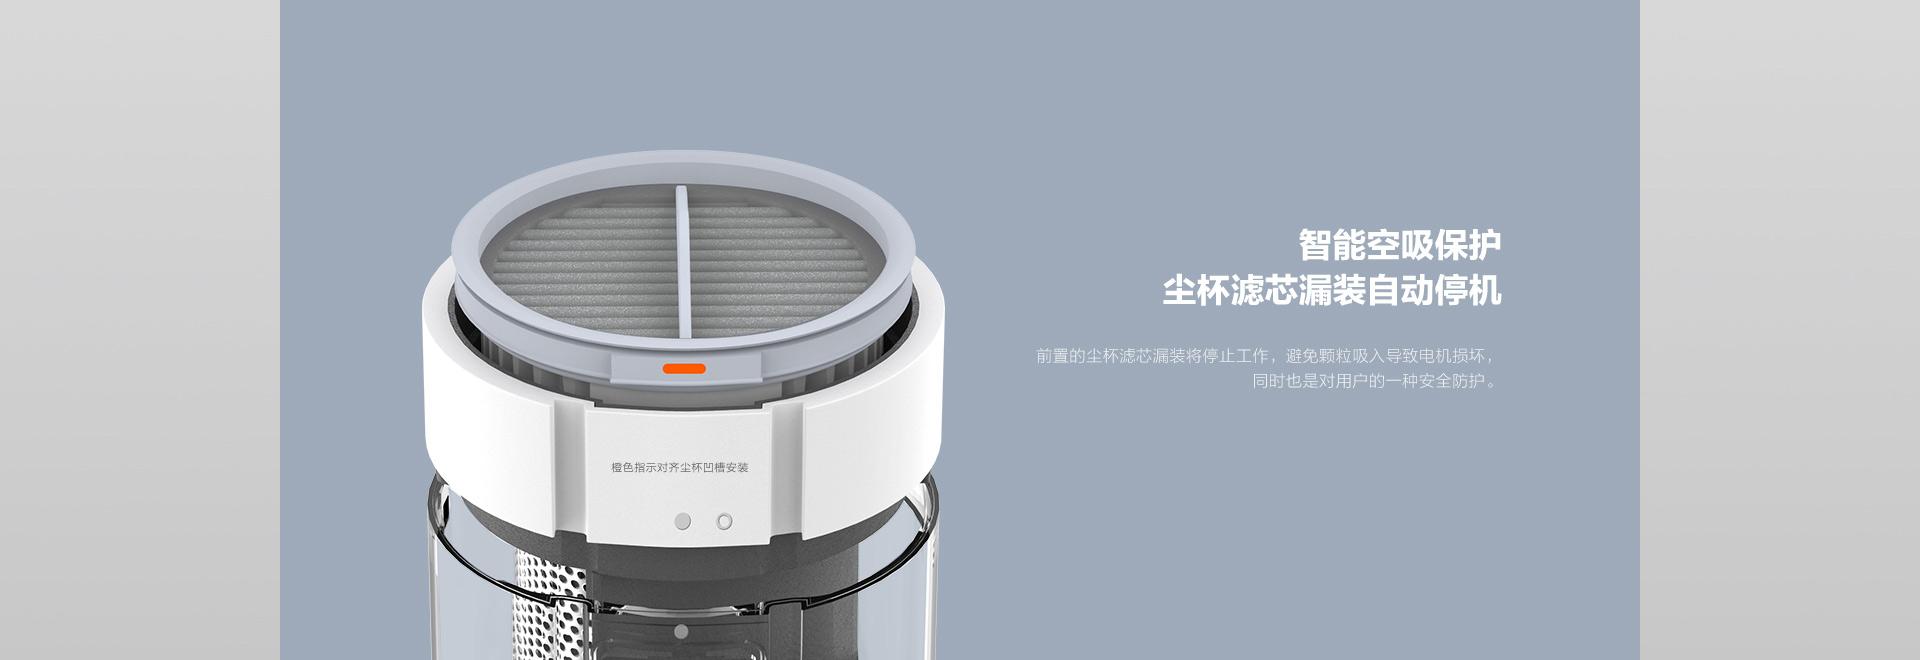 睿米手持无线吸尘器采用了智能空吸保护,尘杯滤芯漏装自动停机